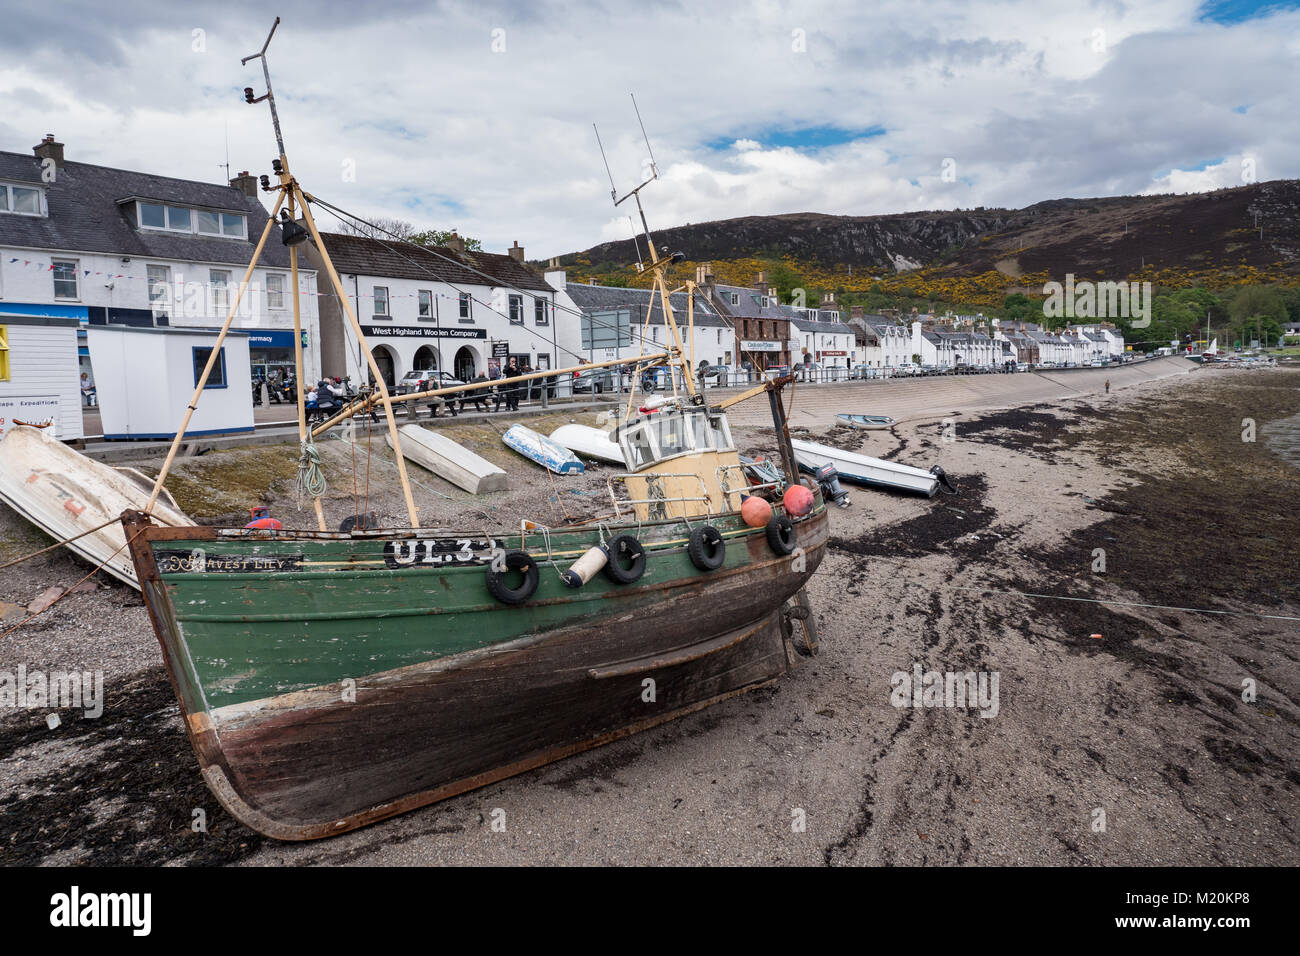 Ullapool on the west coast of Scotland. UK - Stock Image